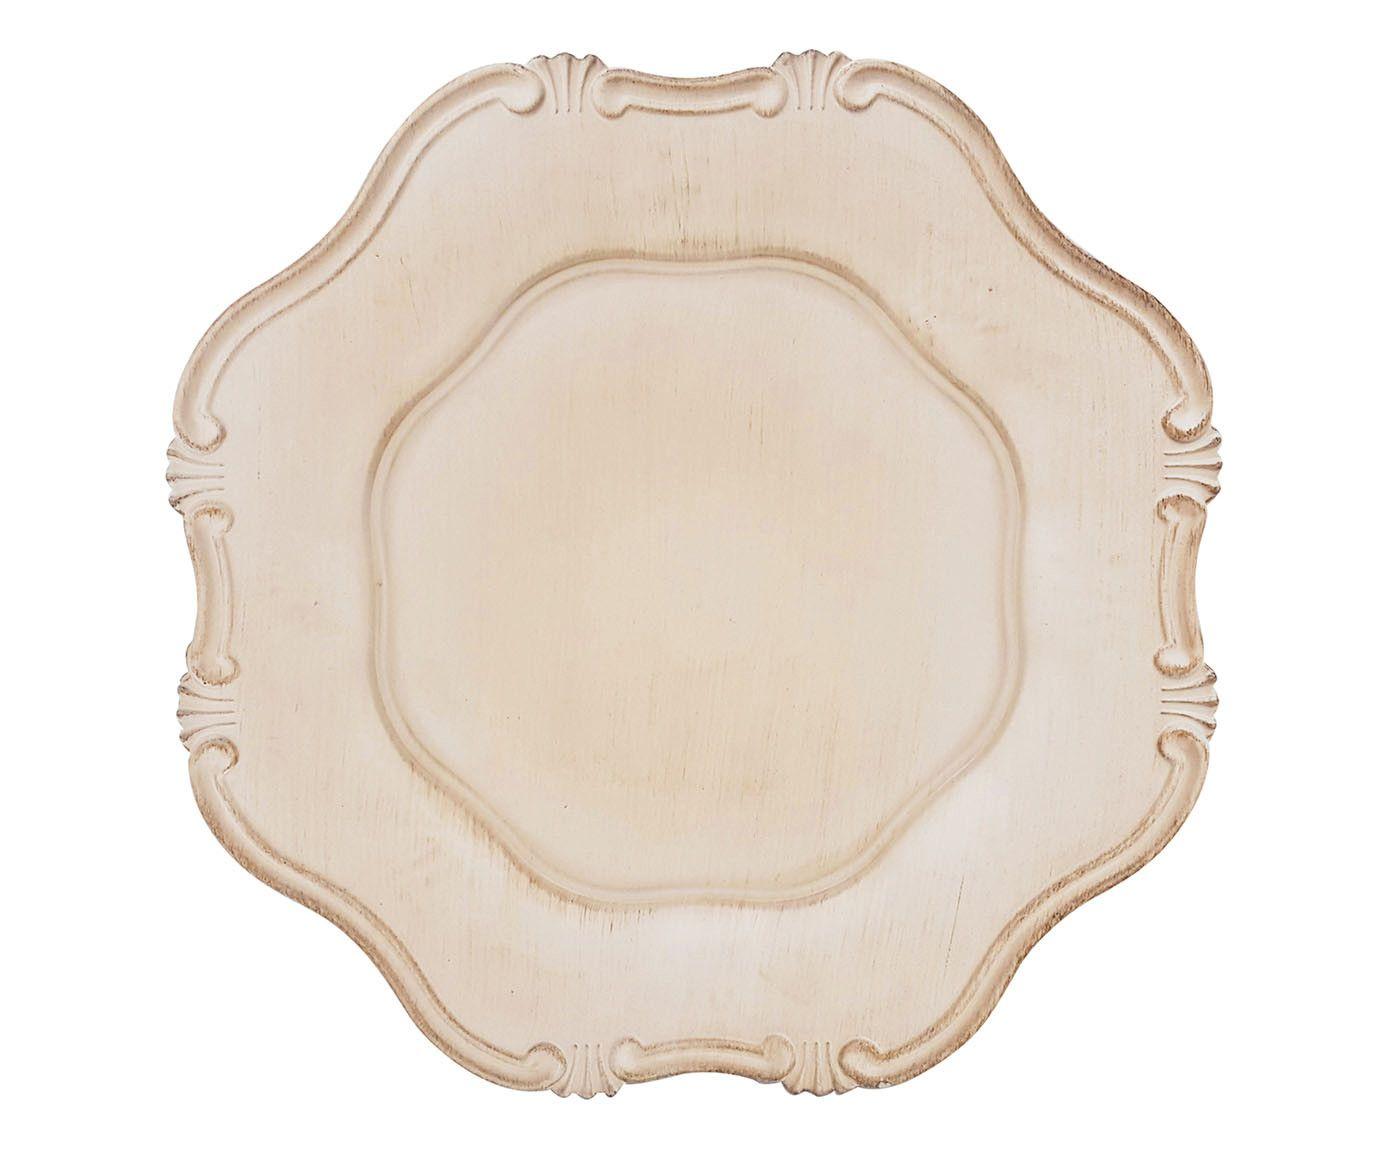 Sousplat Romantique Off-White - 33cm | Westwing.com.br